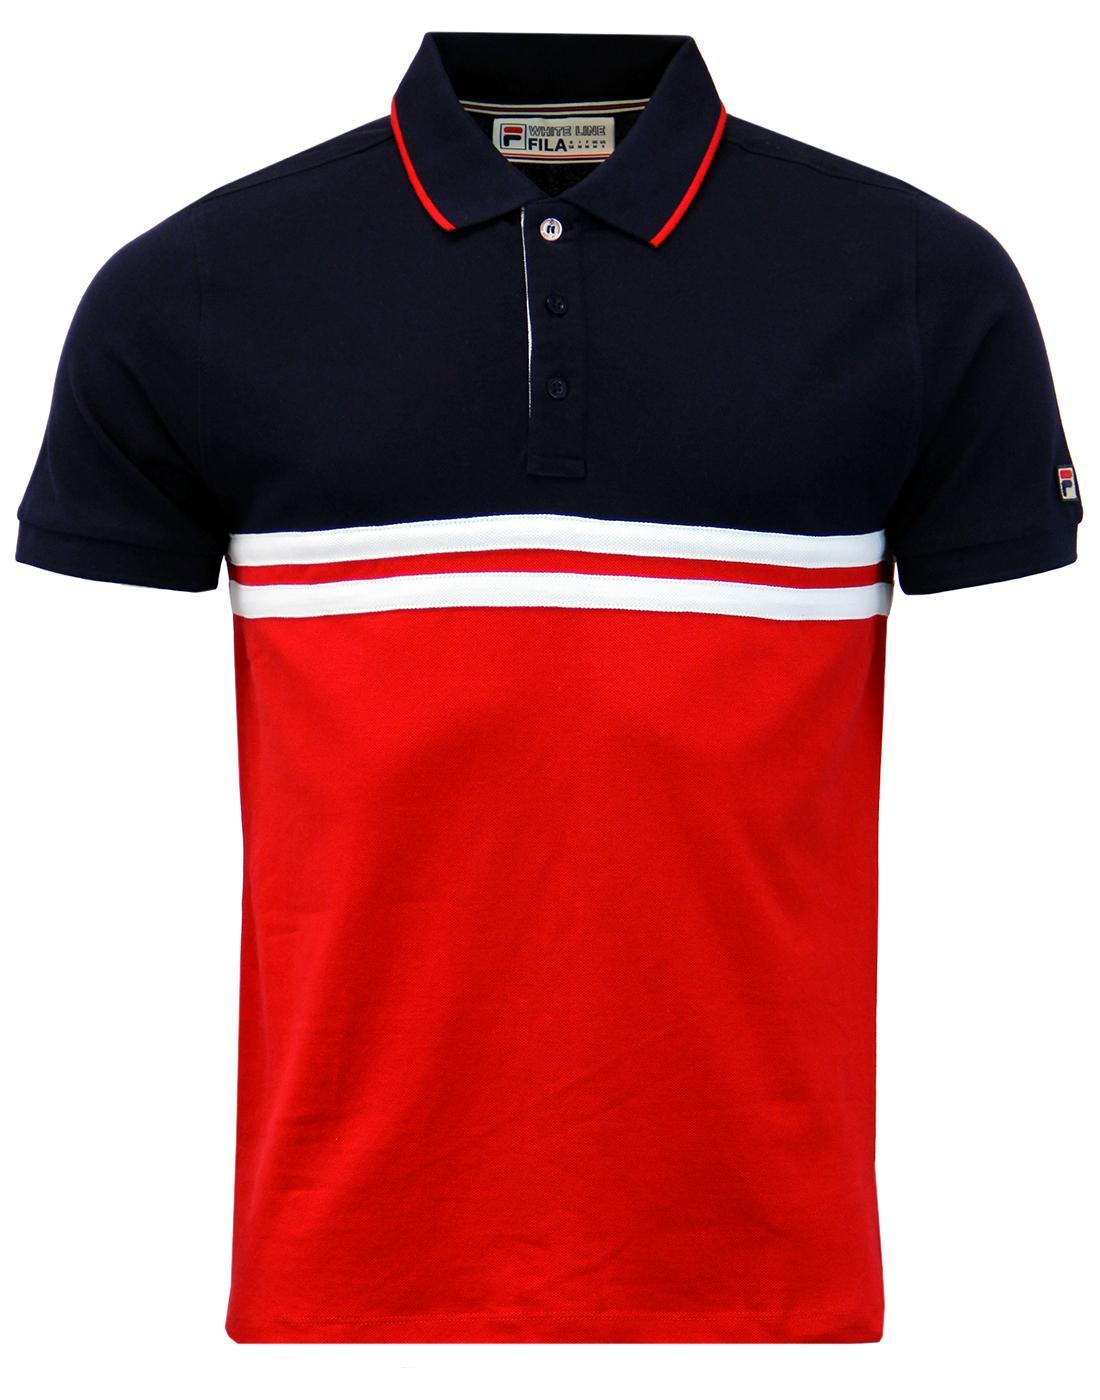 Domenico FILA VINTAGE Men's Retro 70s Polo Shirt